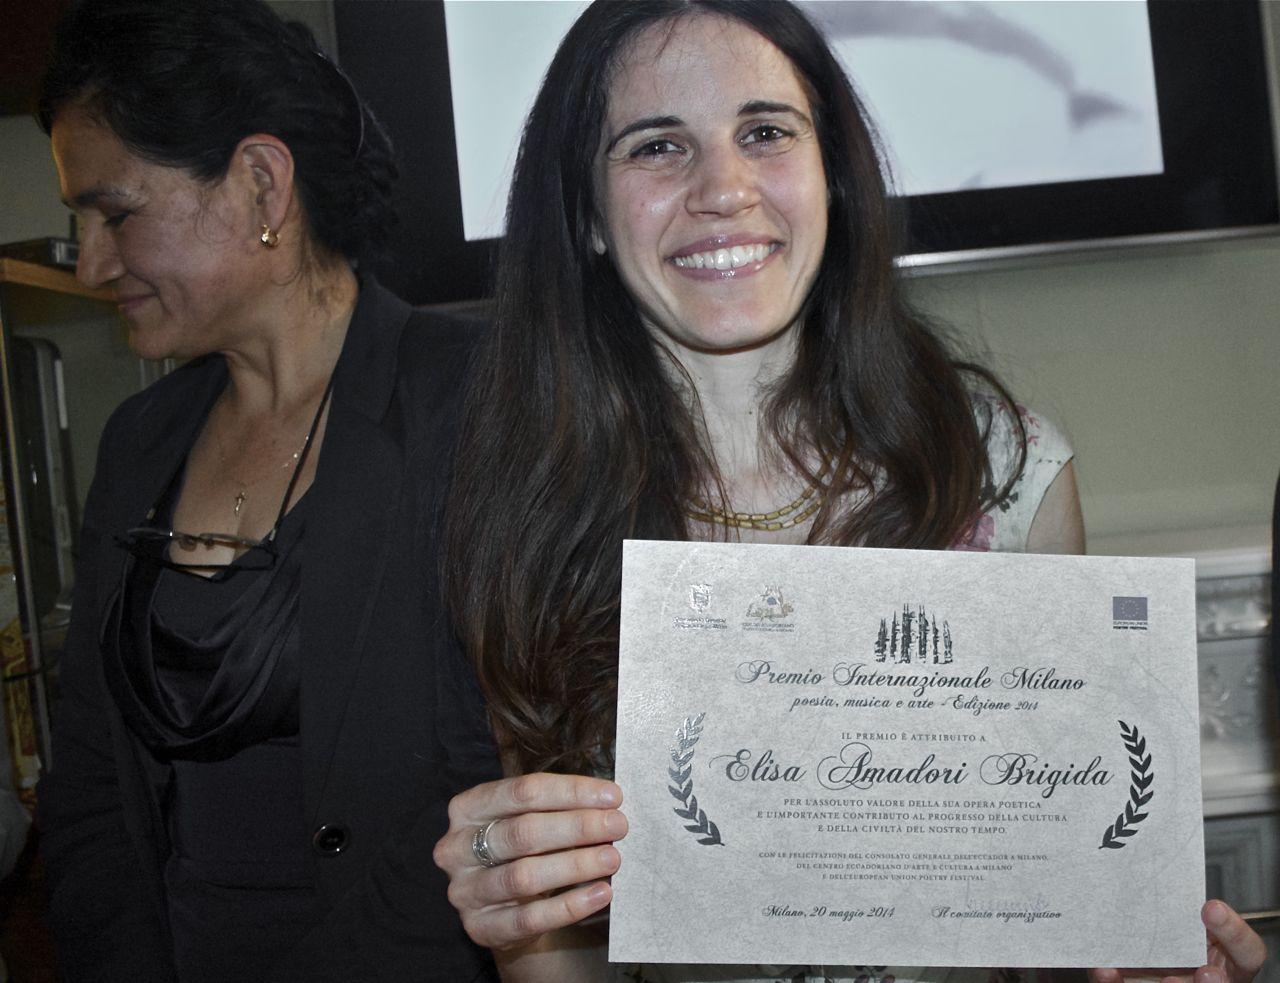 L'autrice riceve il Premio Internazionale Milano per la Poesia 2014.